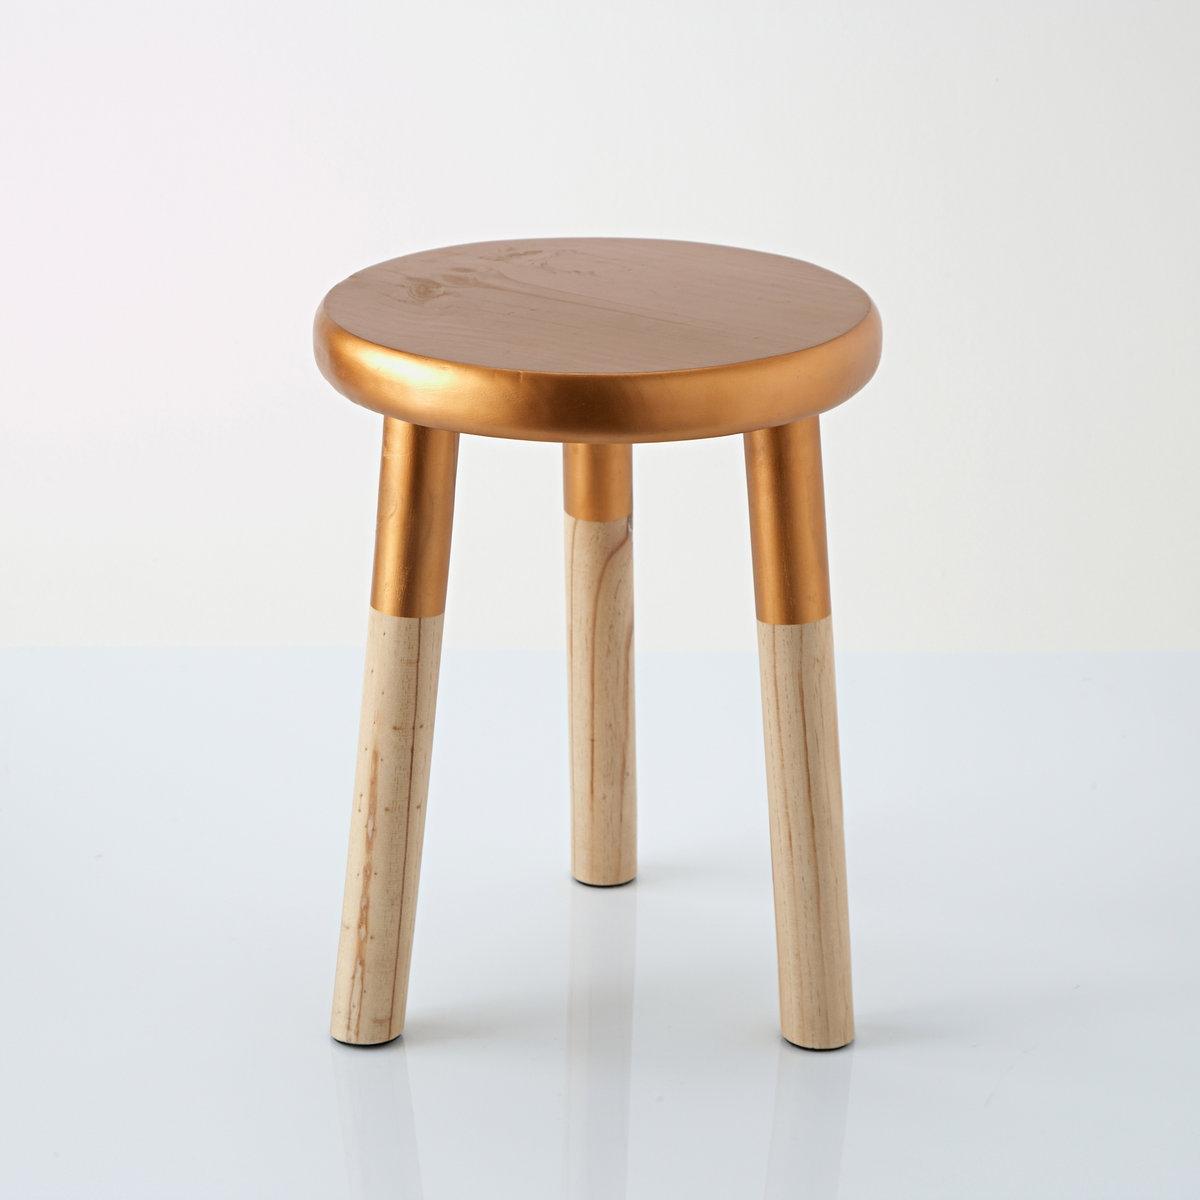 Табурет из дерева с покрытием медной краской, EloriТабурет из дерева с покрытием медной краской, Elori. Небольшие размеры, но очень яркий дизайн, в котором медь сочетается с древесиной. Этот стильный табурет с 3 ножками можно использовать в качестве приставного стула. Характеристики табурета Elori:Каркас из древесины (сосна).Круглое сиденье с покрытием эпоксидной краской медного цвета.Размеры табурета Elori:ОбщиеДиаметр: 30 см.Высота: 38 см.<br><br>Цвет: медный